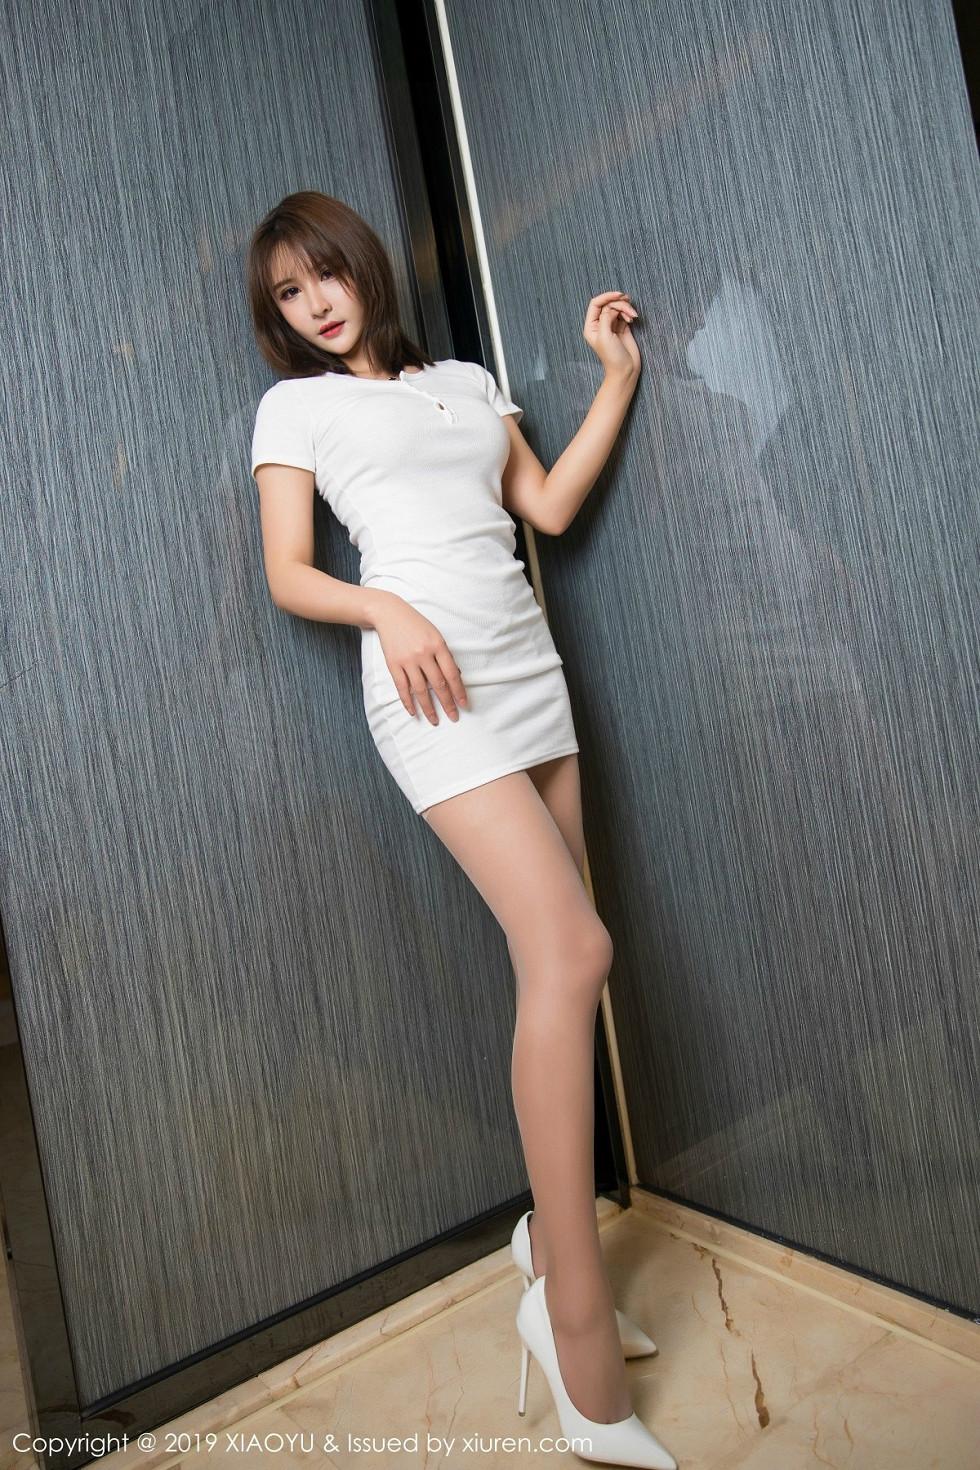 女神Emily顧奈奈醬白色連身裙秀開檔肉絲褲襪惹火誘惑寫真 - 貼圖 - 清涼寫真 -